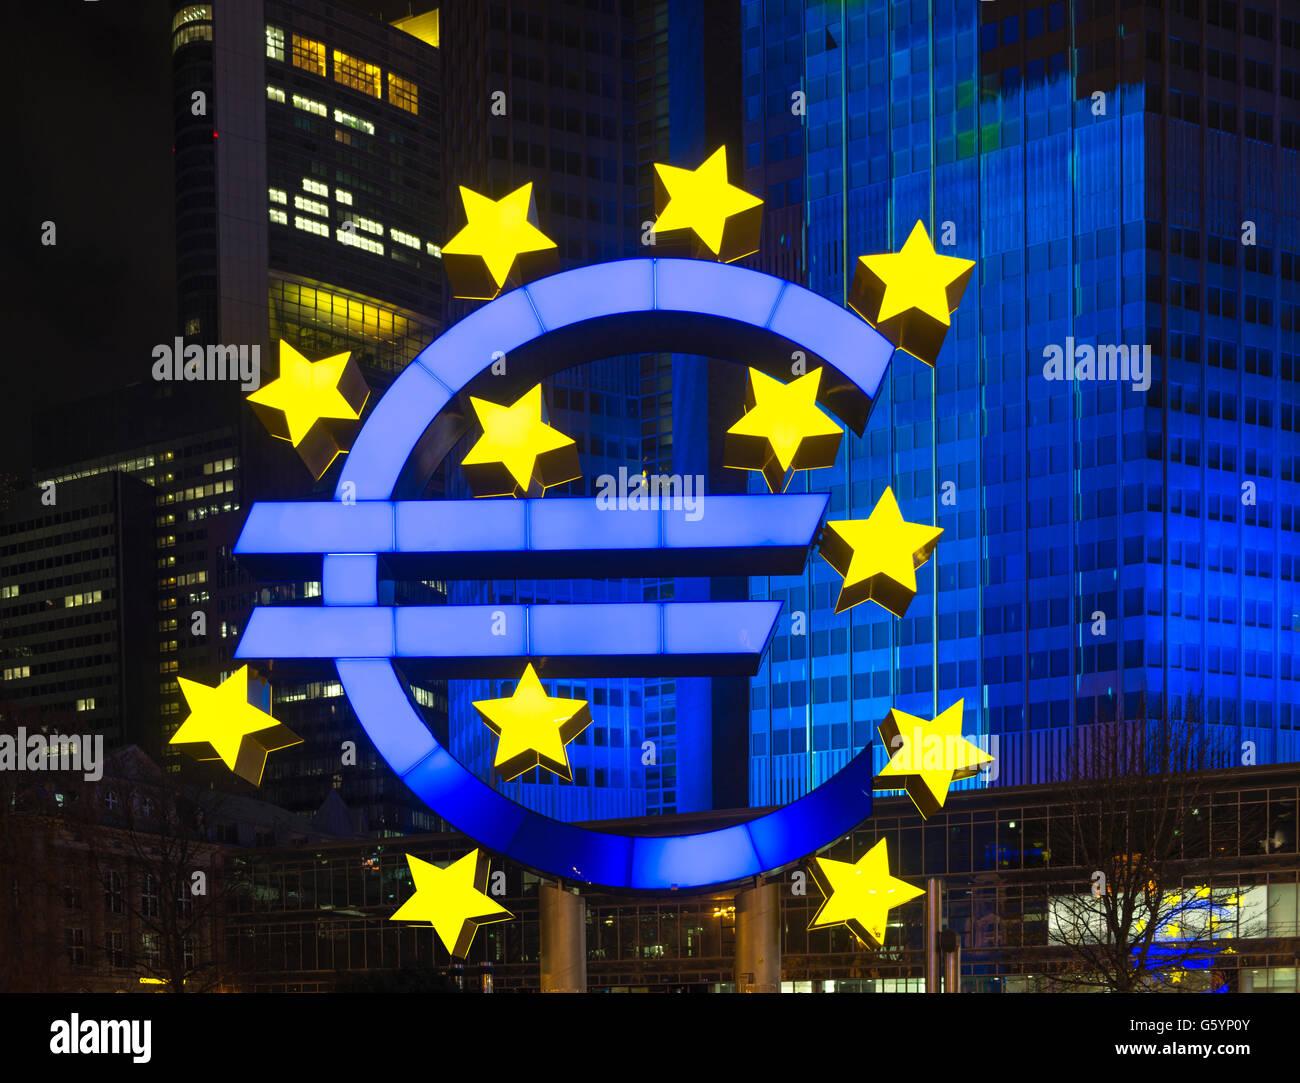 Euro-Skulptur vor Eurotower, blaue Beleuchtung, Innenstadt, Willy-Barndt-Platz, Frankfurt, Hessen, Deutschland Stockbild